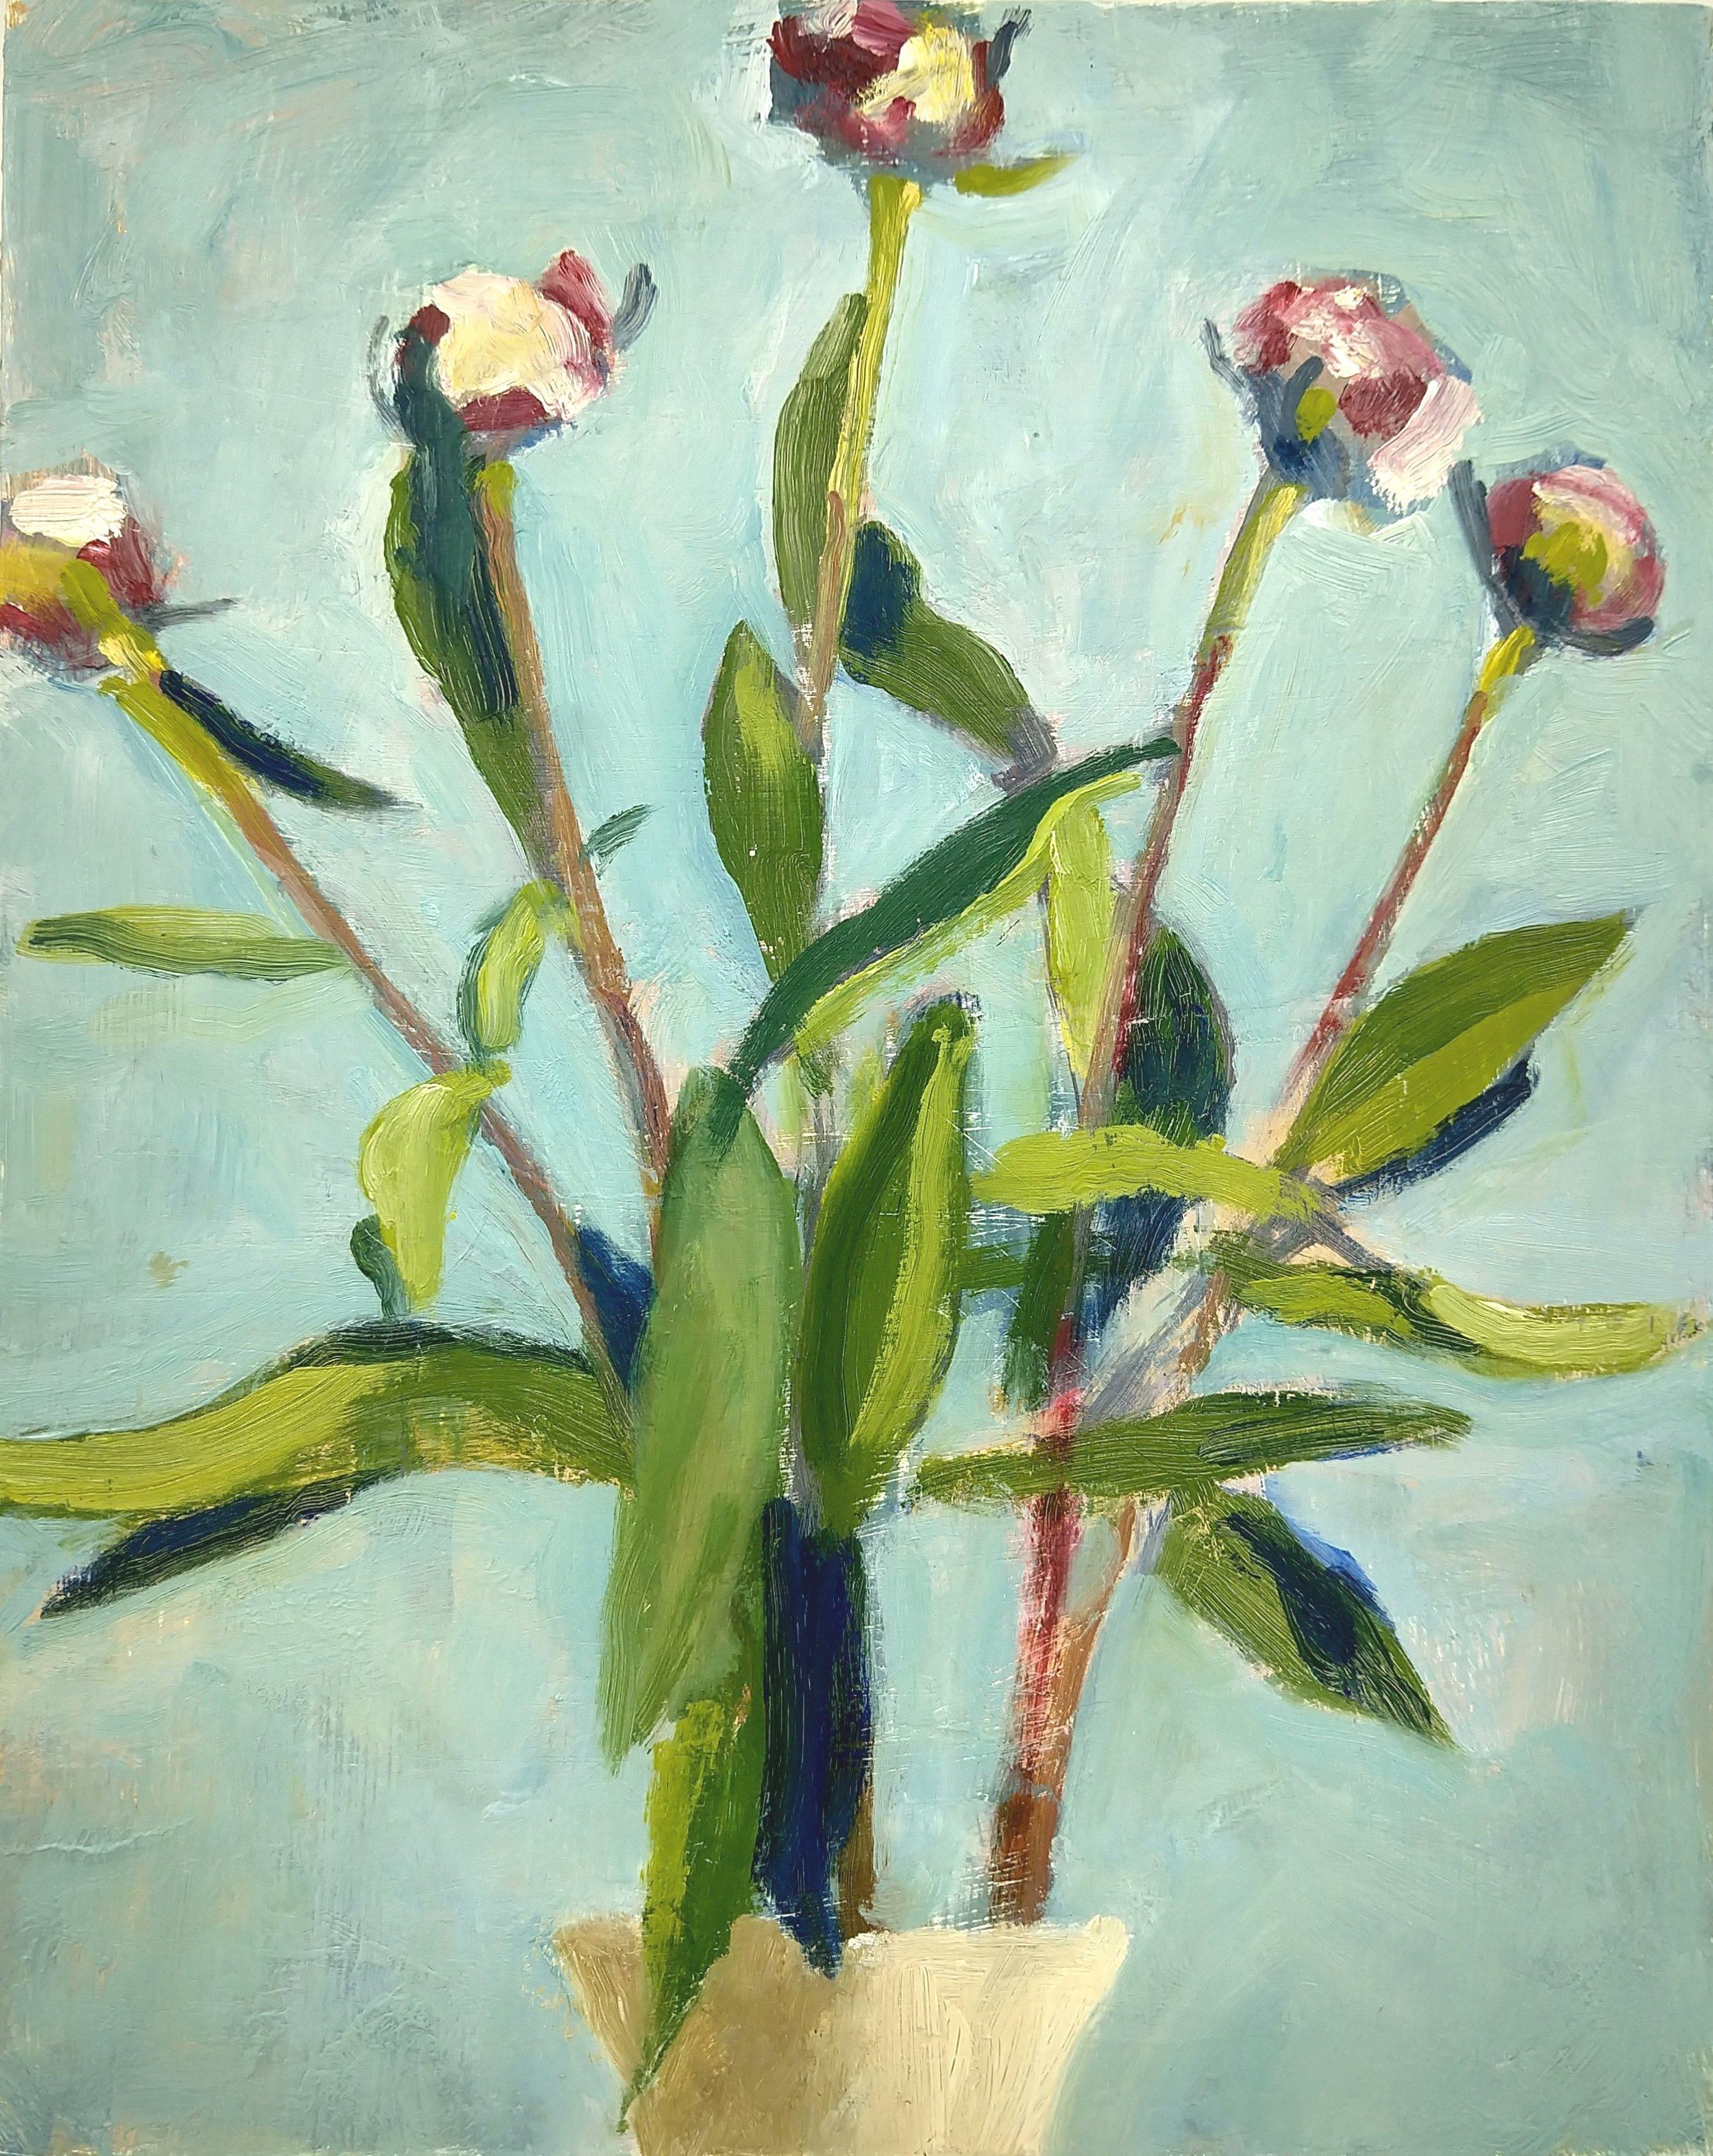 Five Peonies, Robert Ross, 10x8 in, oil.jpg